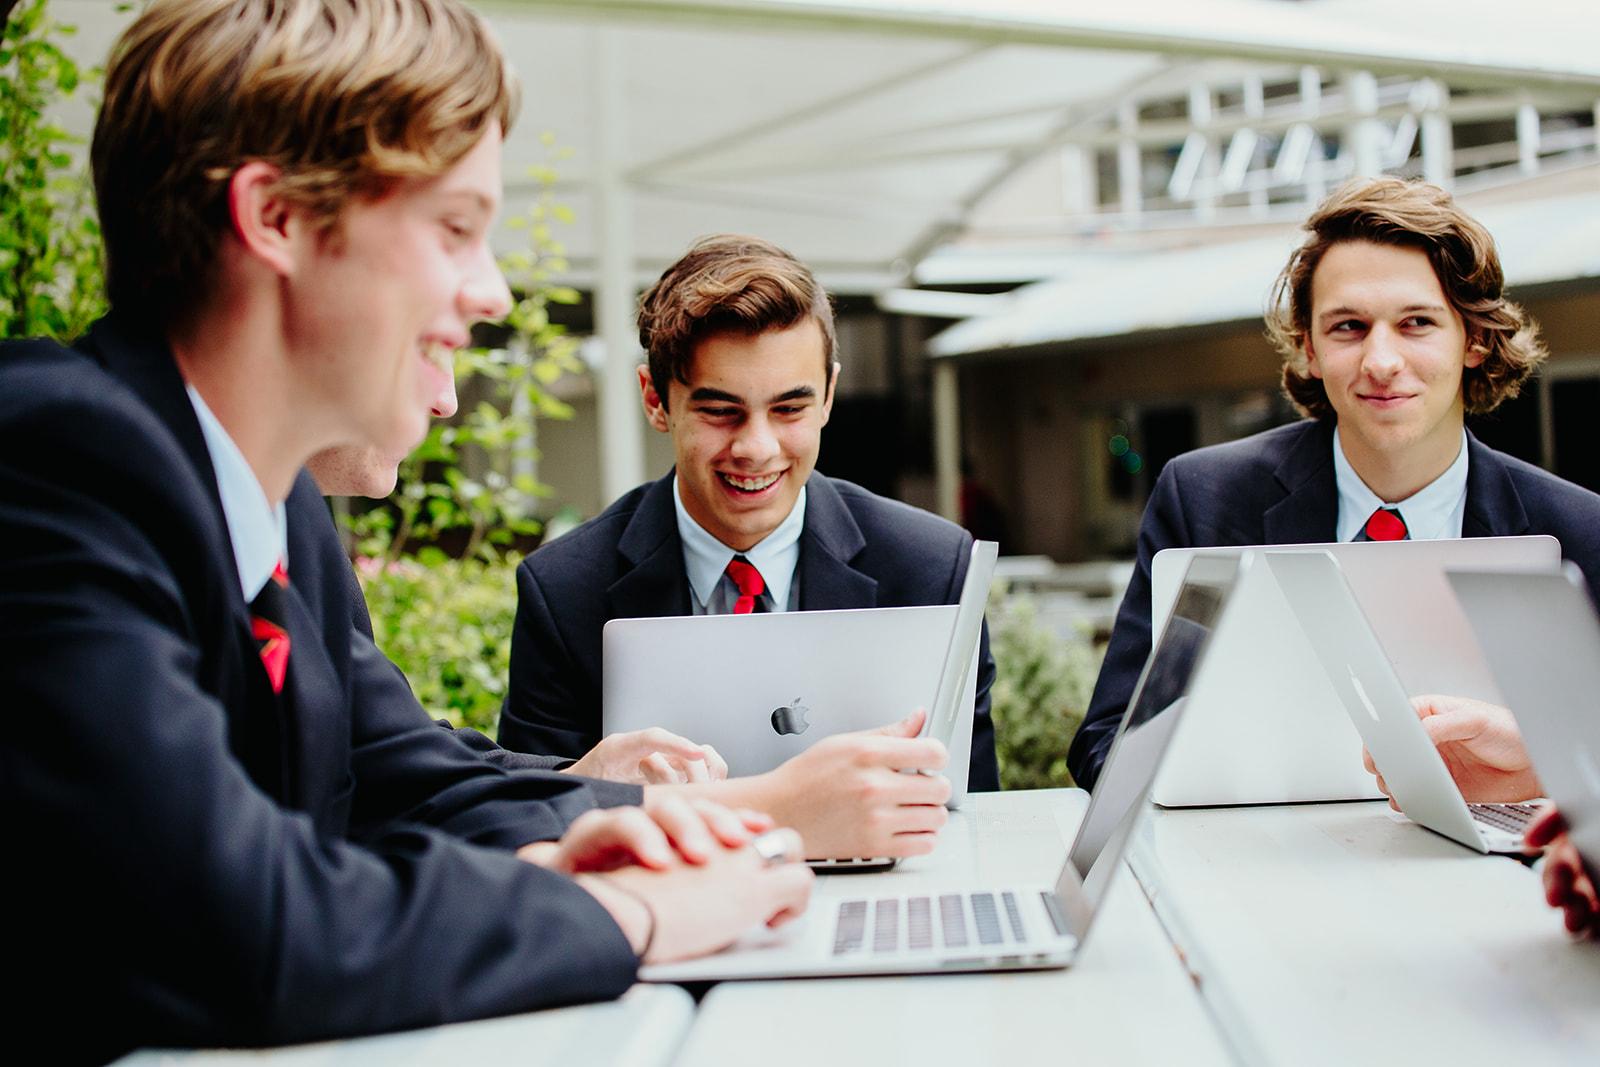 Craft Digital Marketing – Edmund Rice College